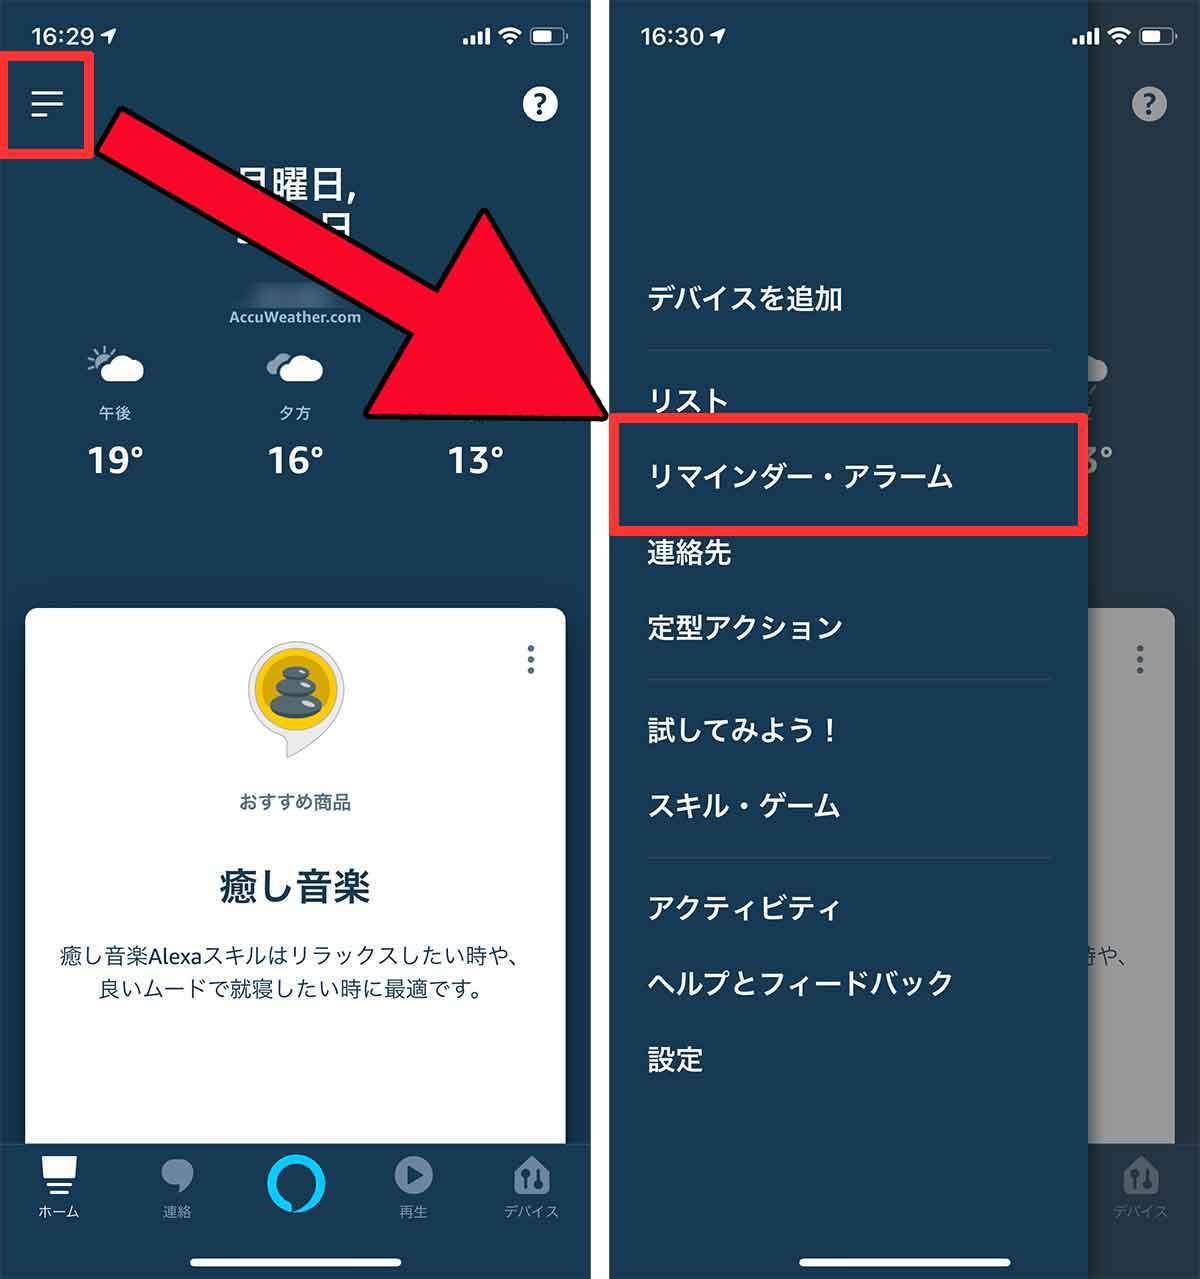 アレクサアプリの画面